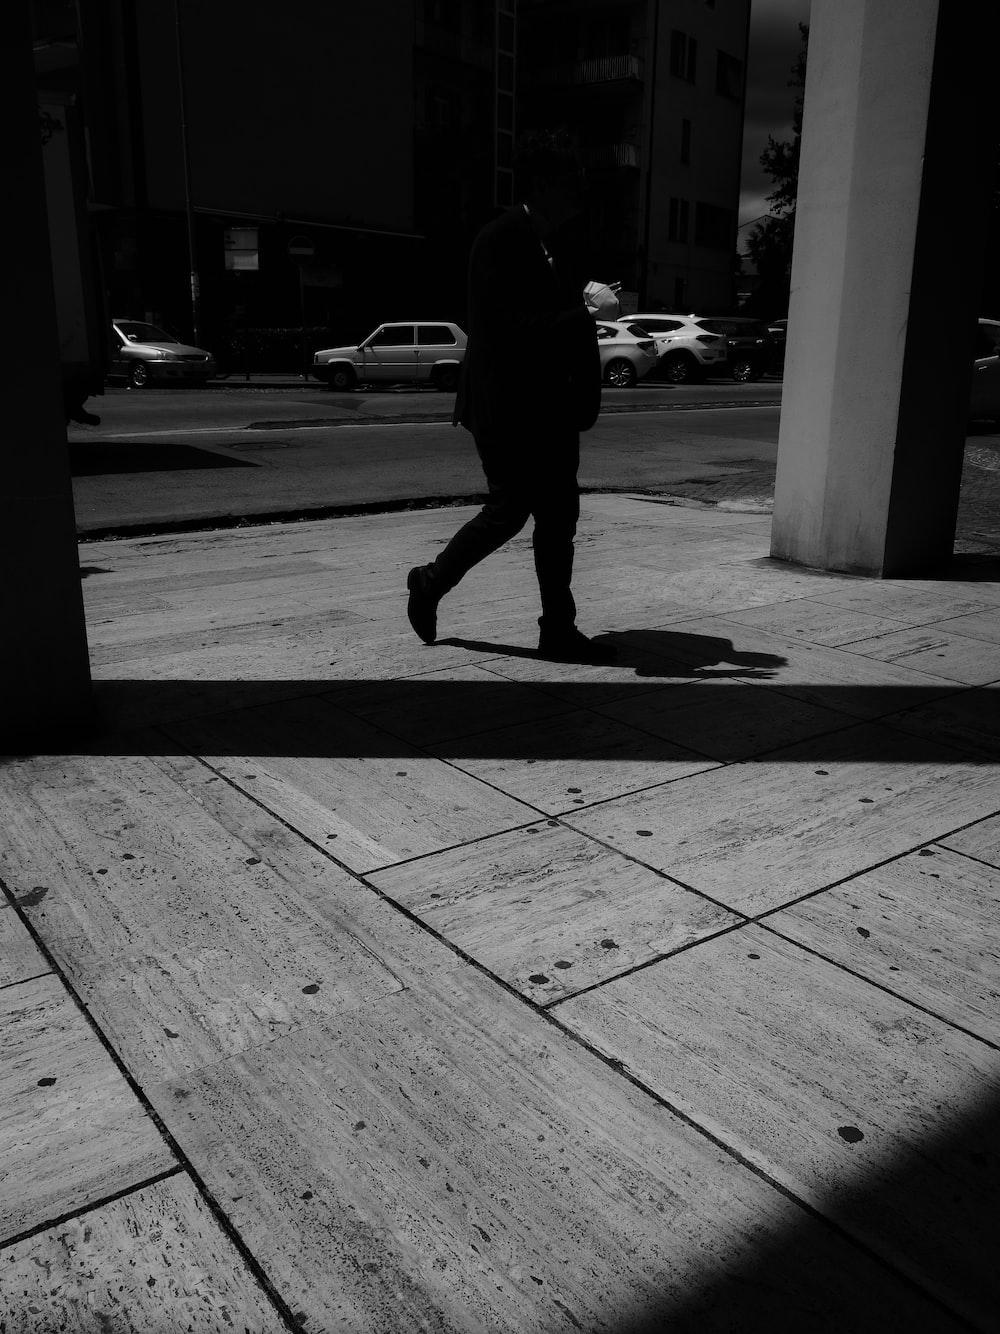 man in black jacket walking on sidewalk